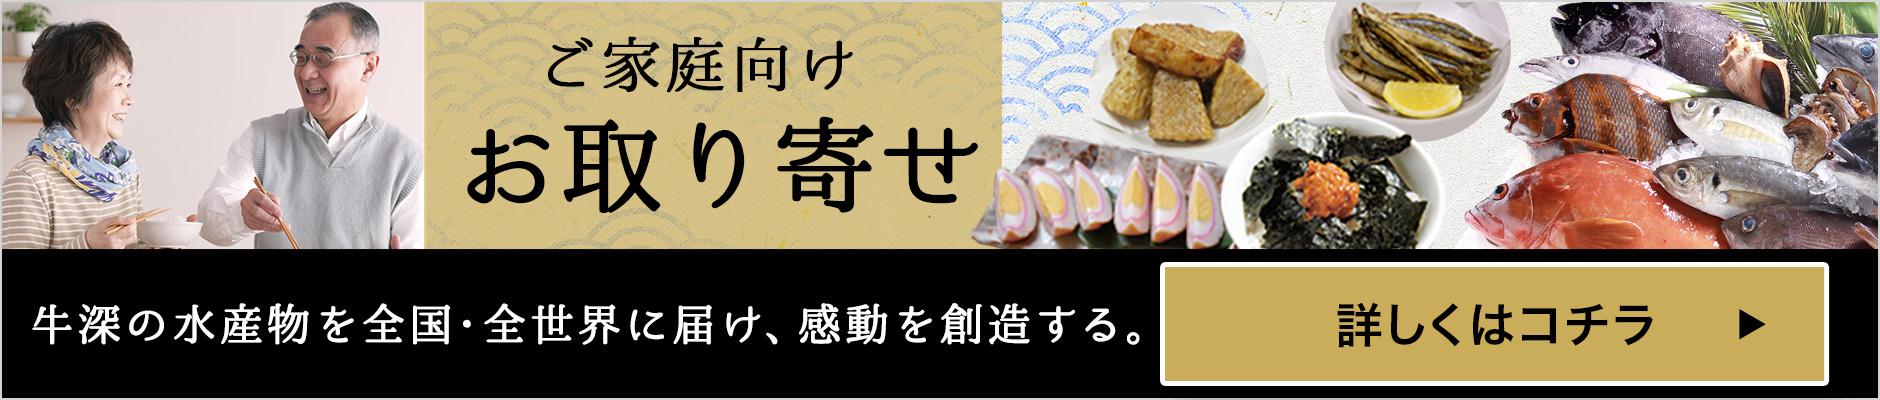 熊本・天草・牛深漁港から産地直送します!ご家庭向けお取り寄せ